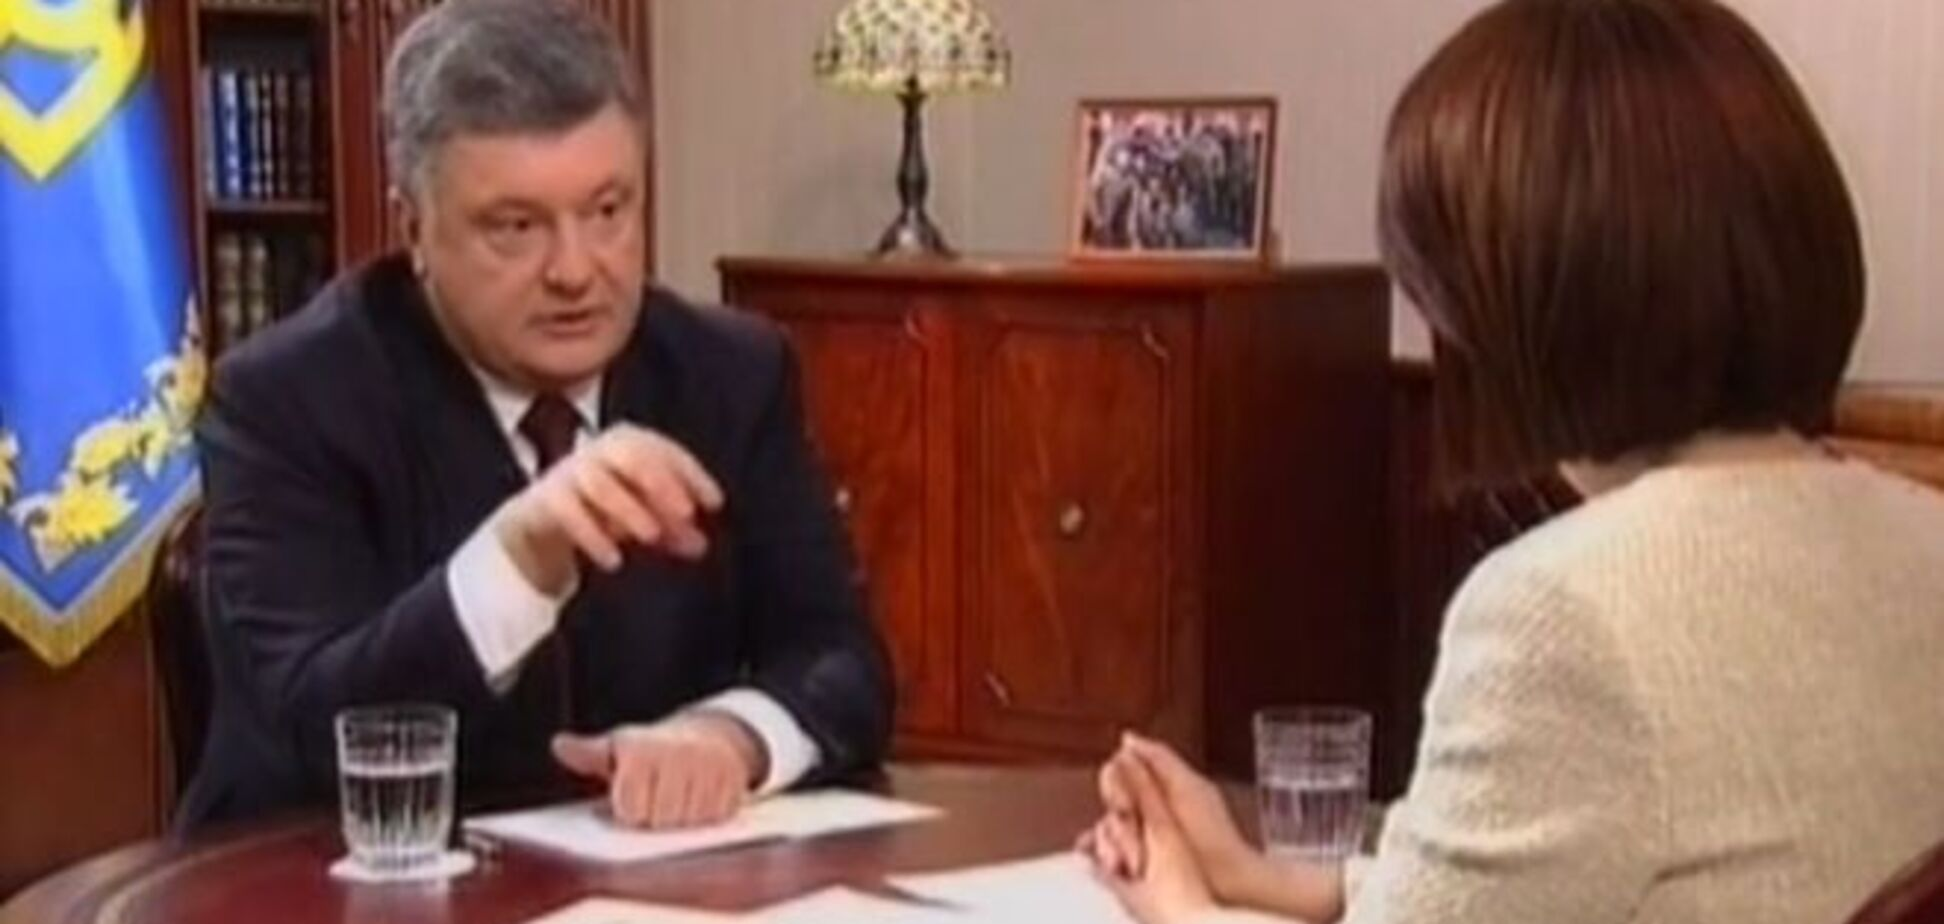 Порошенко о Донбассе, реформах и Roshen: главные тезисы интервью президента